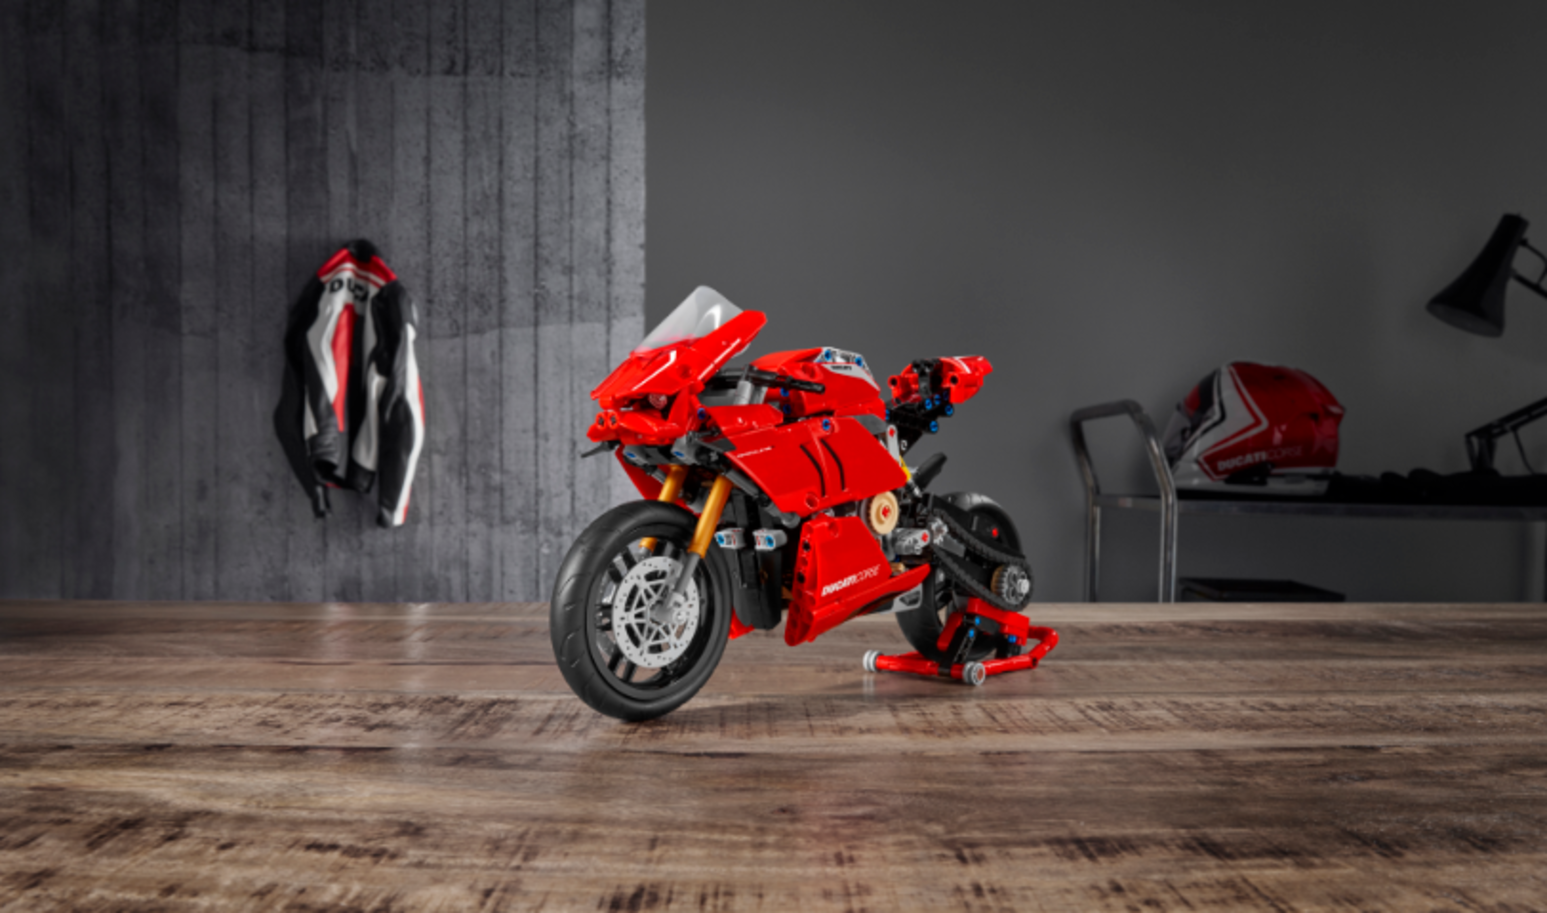 Vi annoiate in quarantena? Da oggi potrete divertirvi montando la Ducati Panigale V4 R Lego Technic. Con 646 pezzi andrete a ricreare un'icona del...